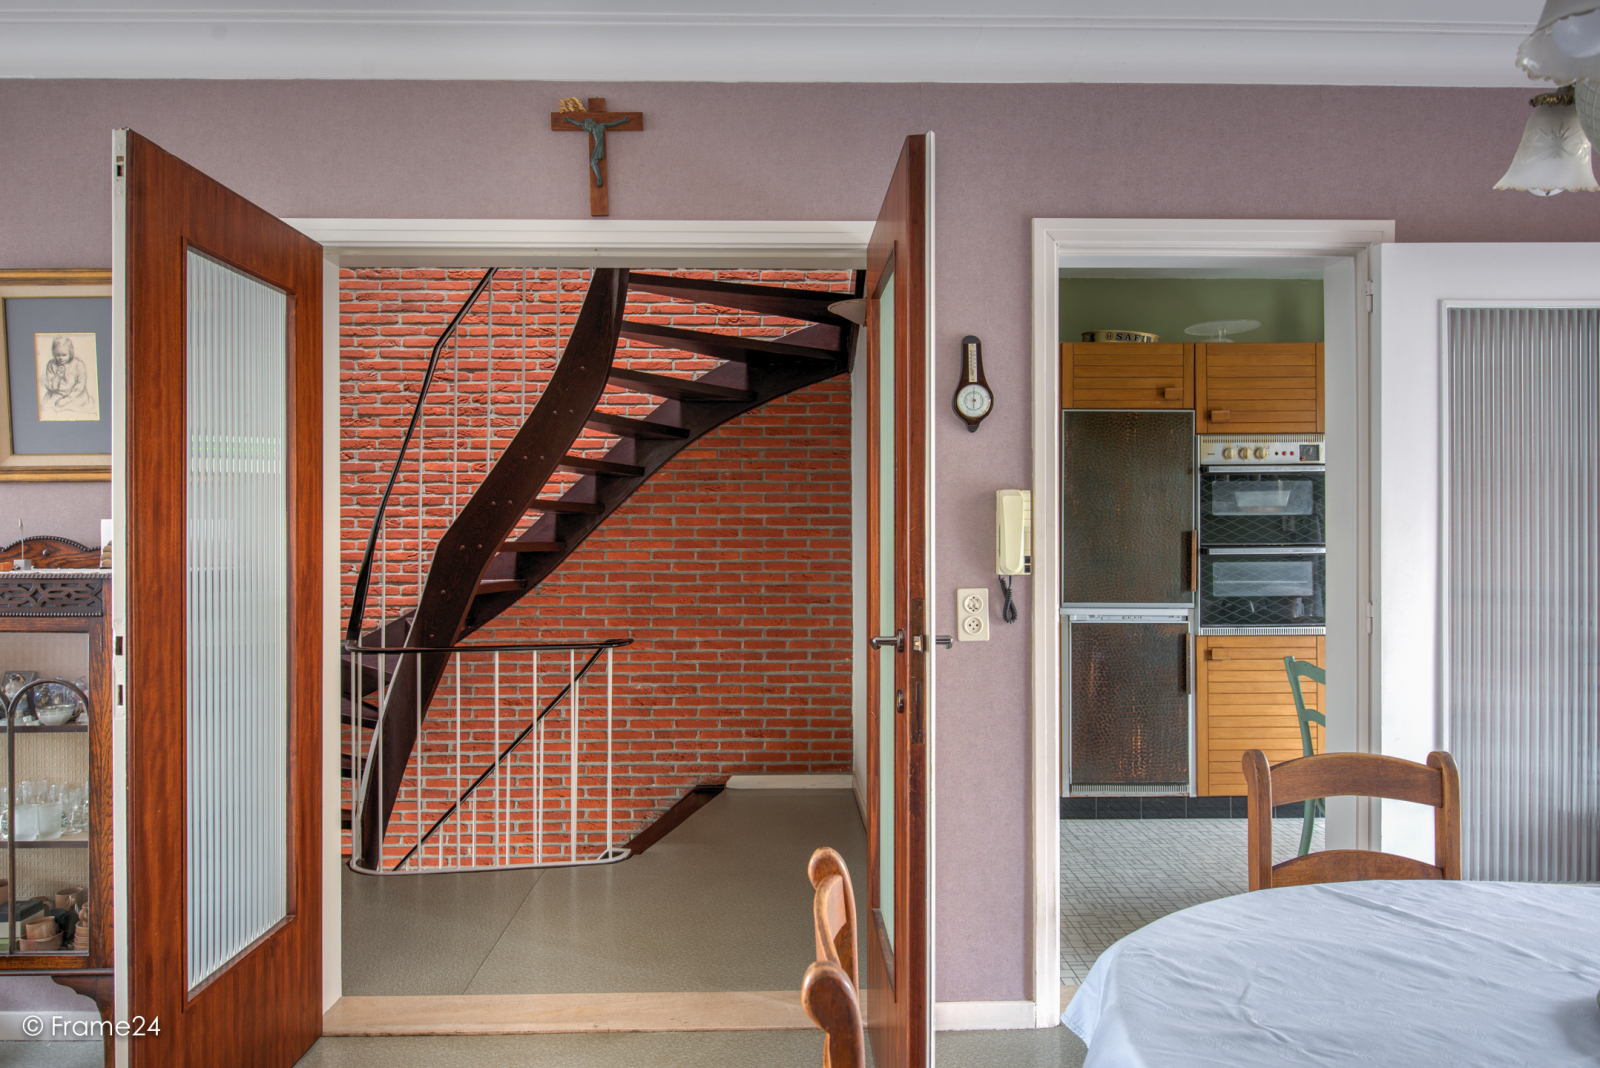 Zeer verzorgde bel-étagewoning met drie slaapkamers op toplocatie te Wijnegem! afbeelding 14